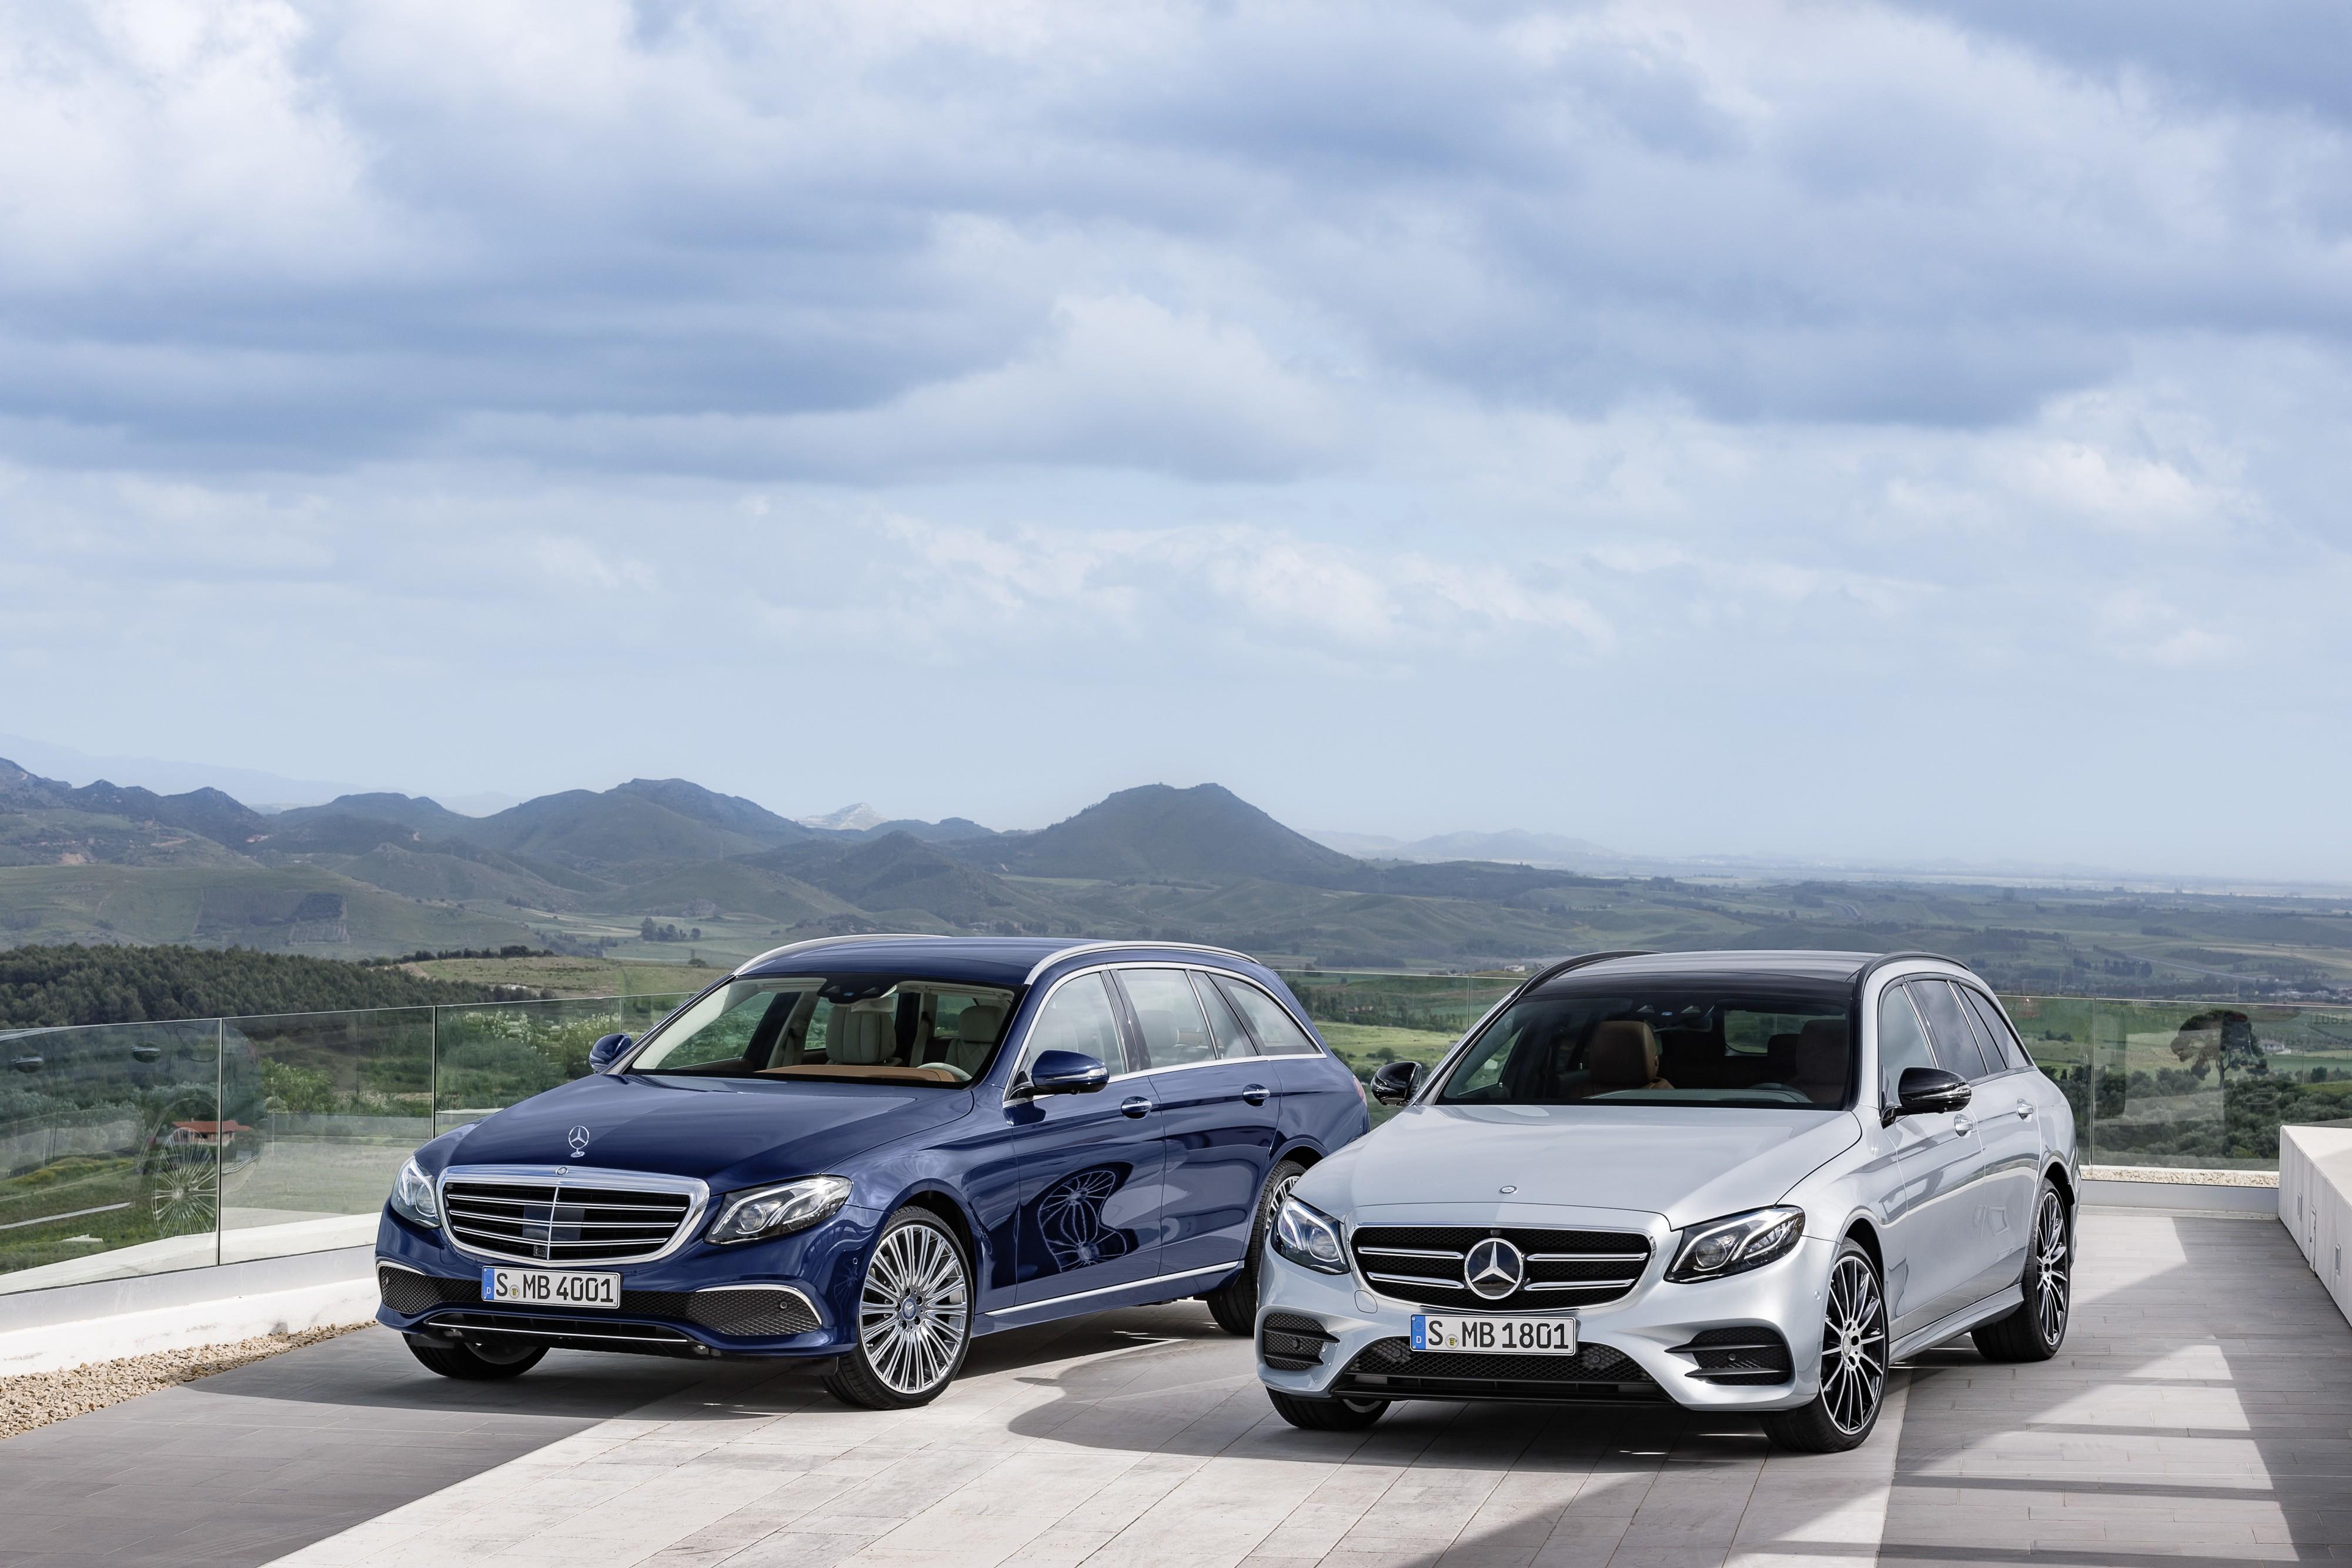 2017 mercedes benz e class estate price announced prepare for Mercedes benz e class price